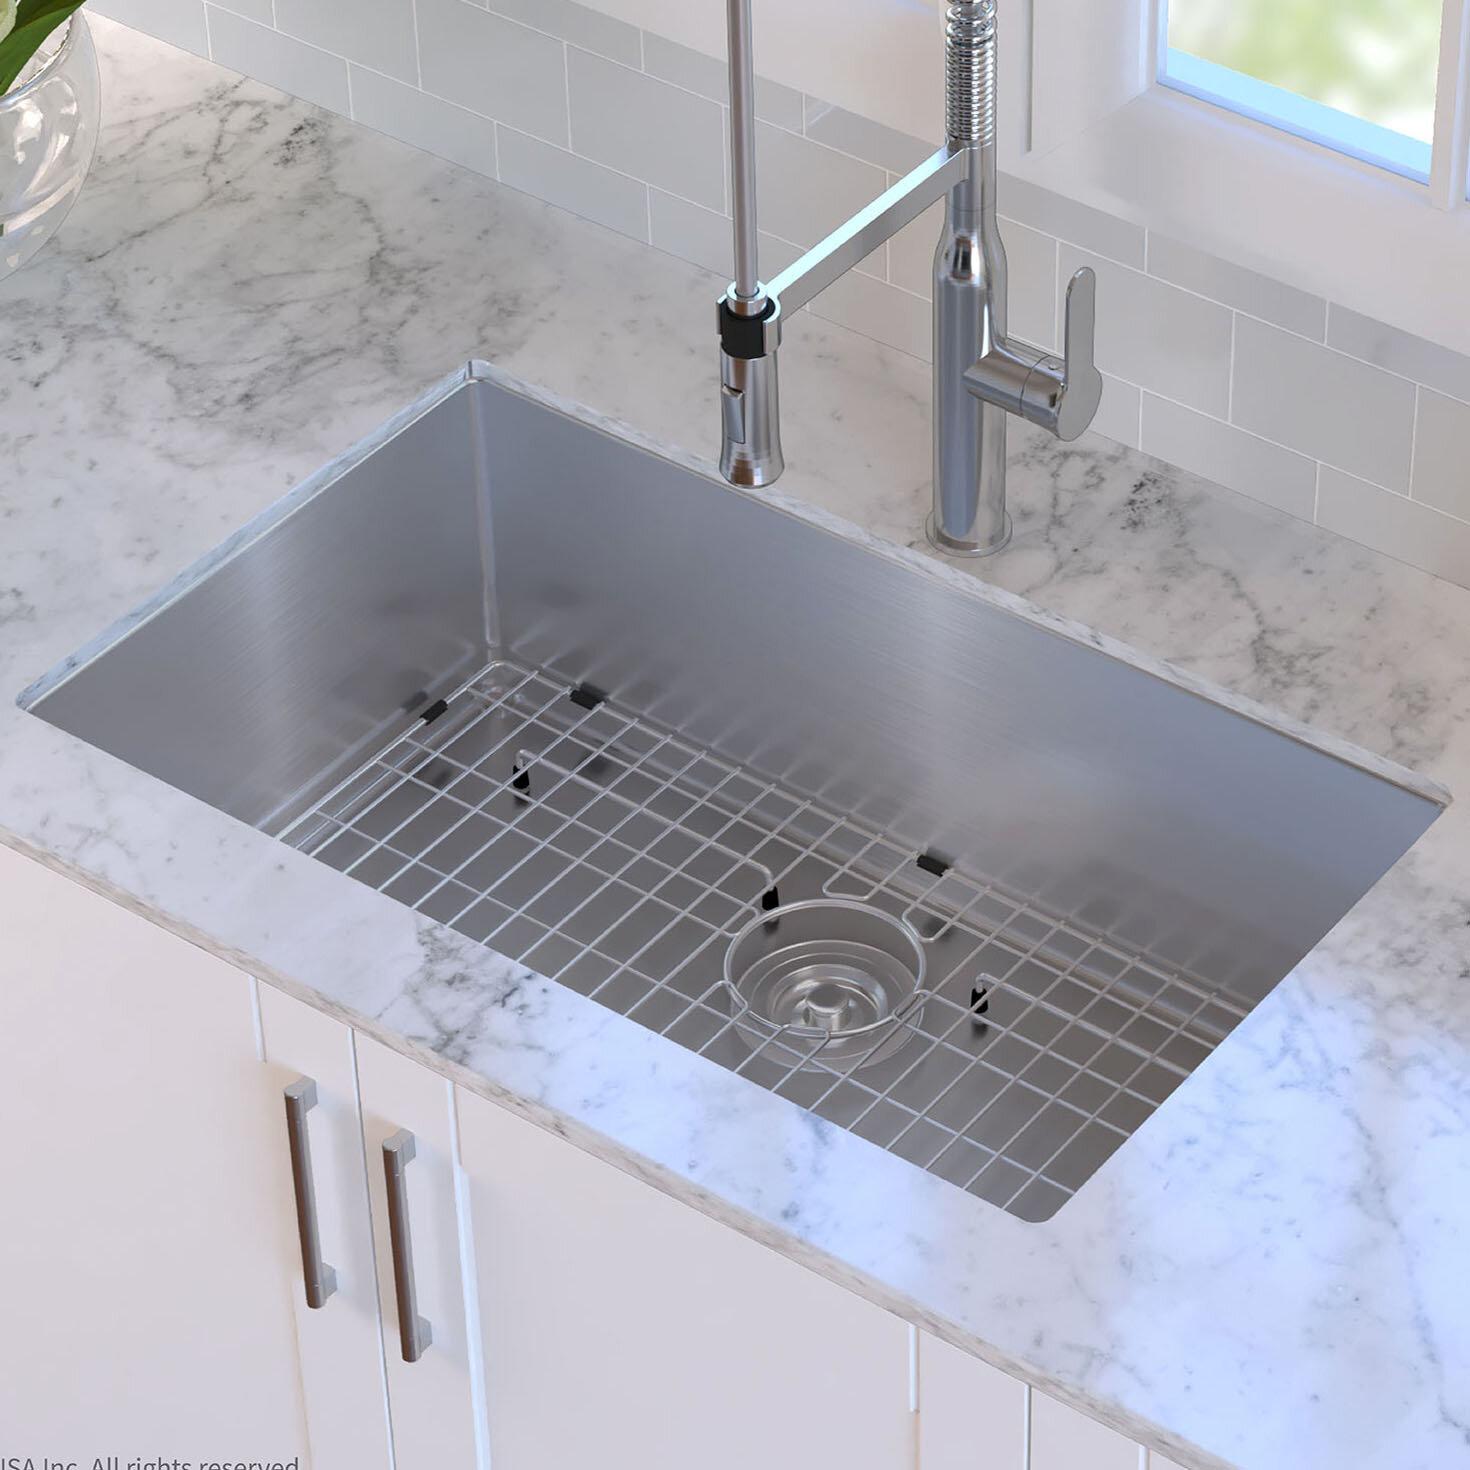 Kraus Standart Pro 30 L X 18 W Undermount Kitchen Sink With Basket Strainer Reviews Wayfair